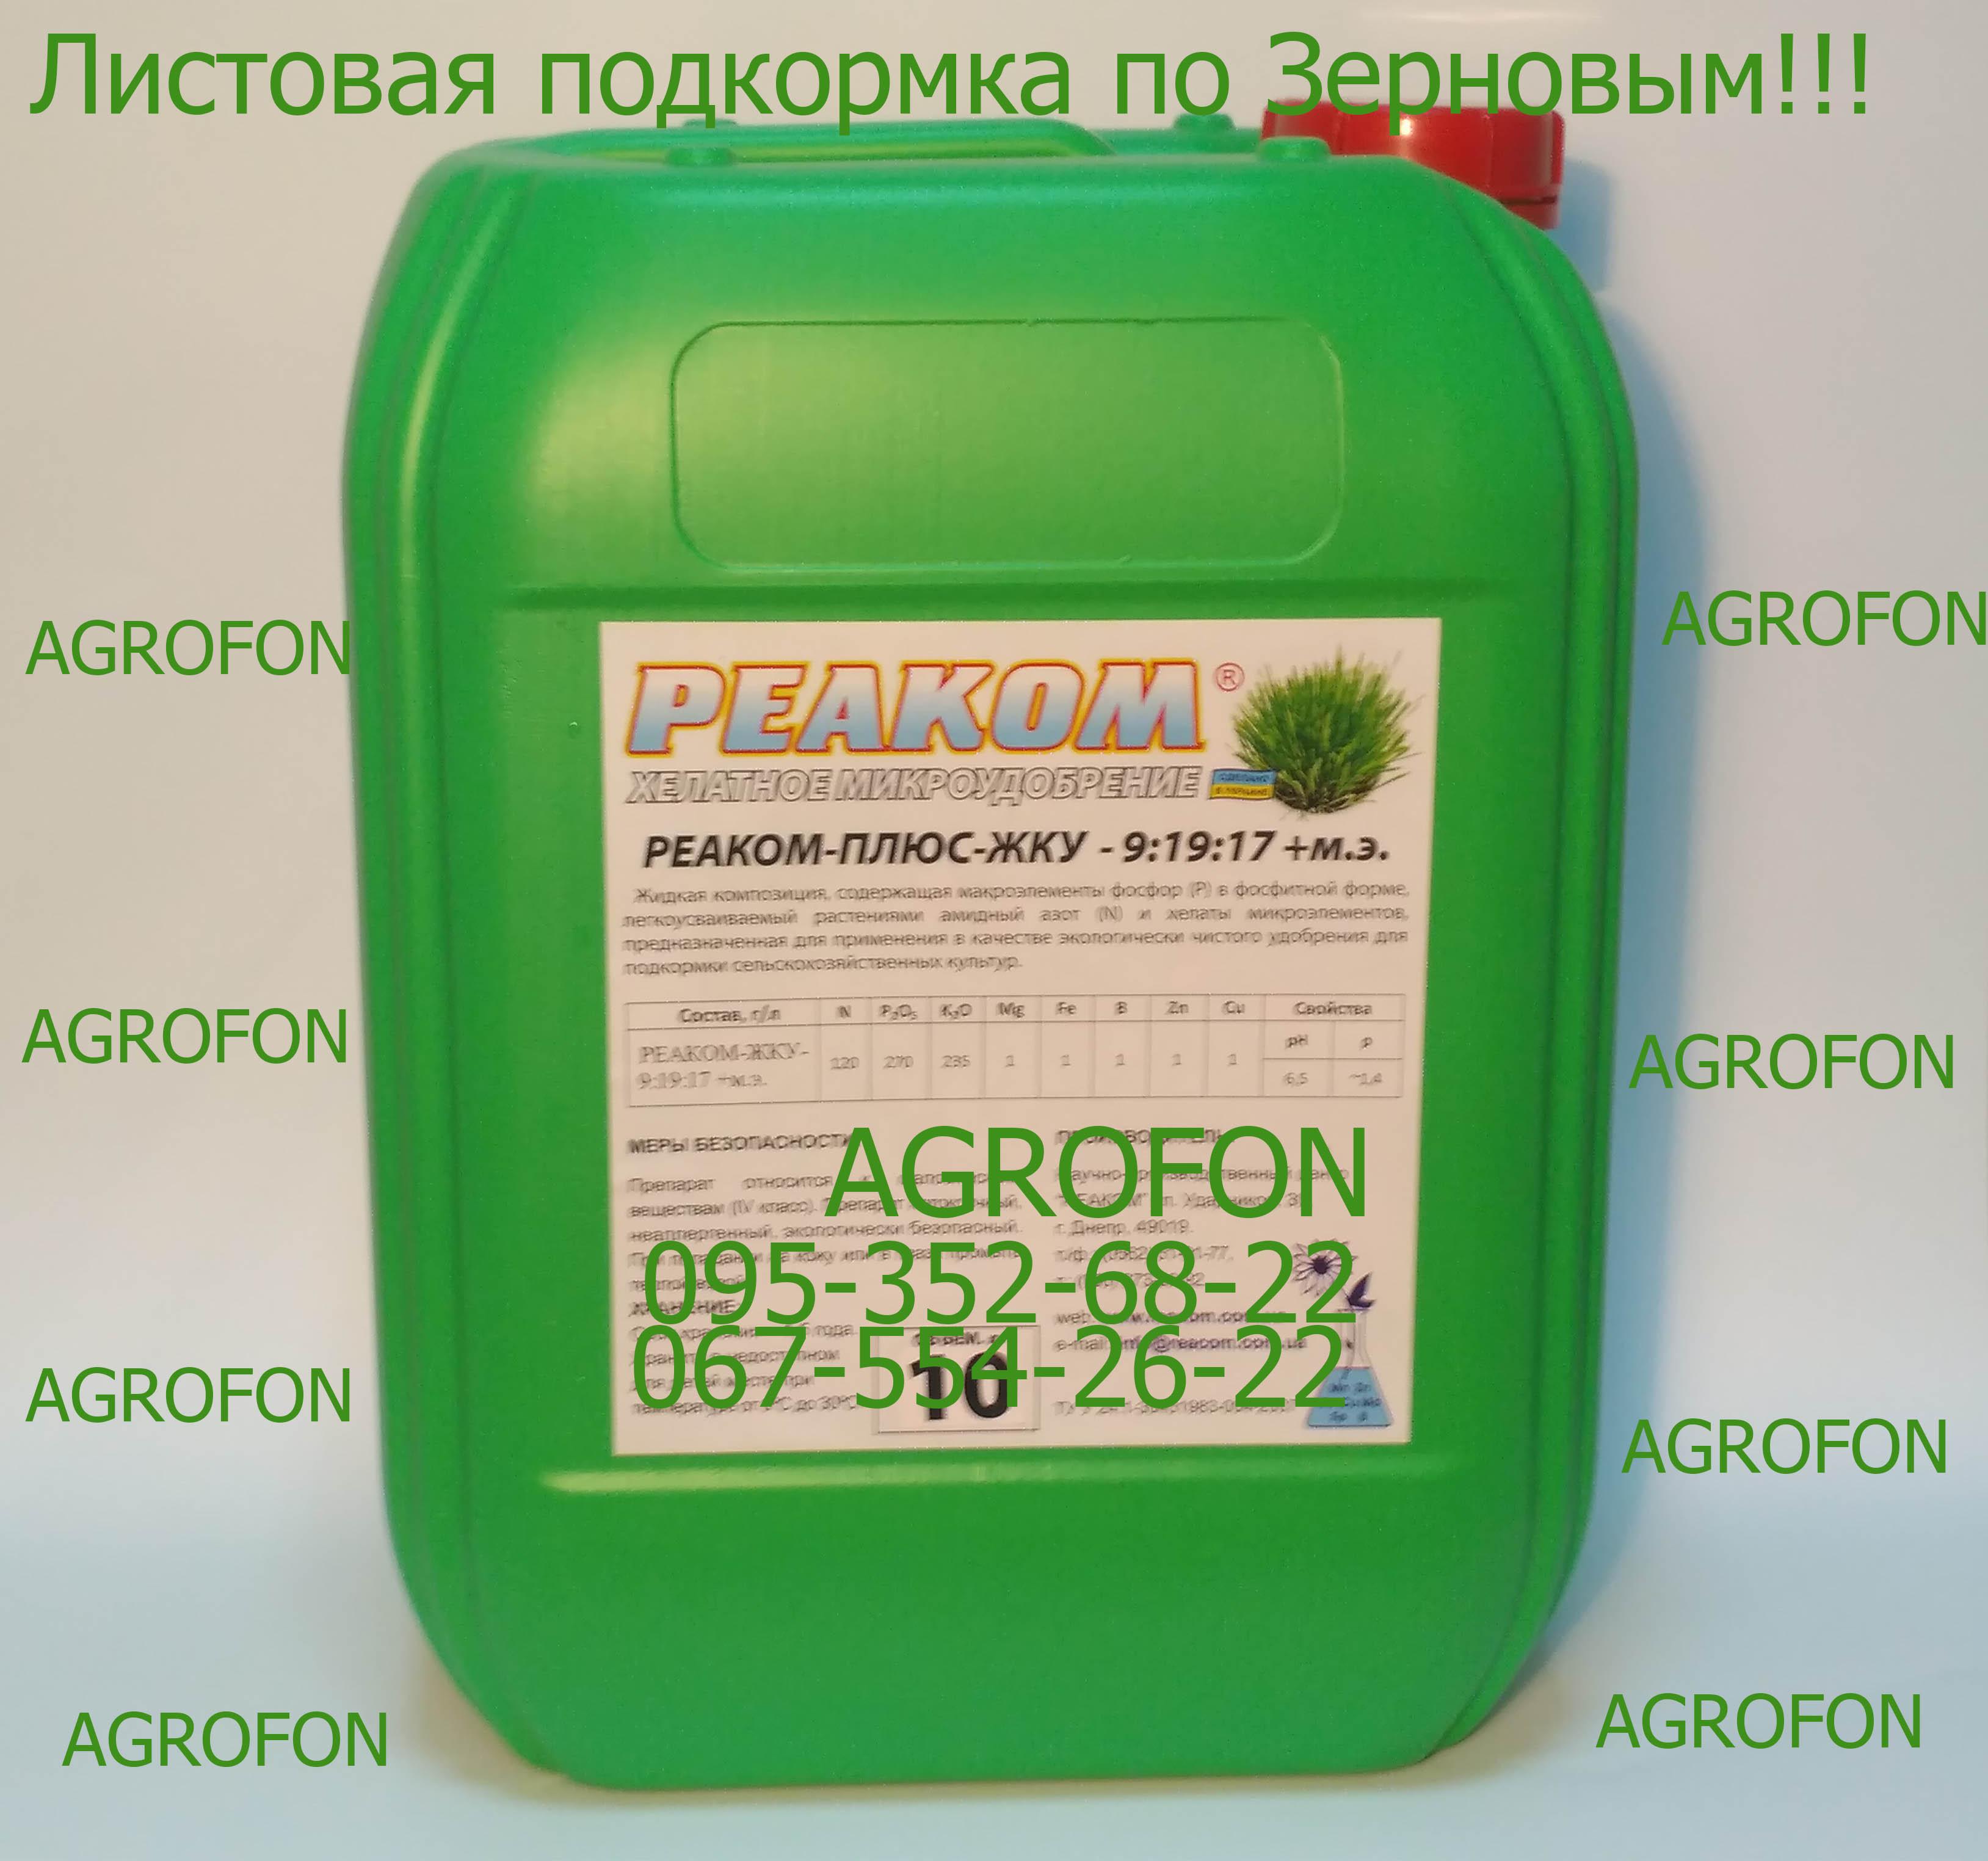 удобрение зерновых культур,удобрения для пшеницы цена,микроэлементы для пшеницы,жидкие удобрения для озимой пшеницы